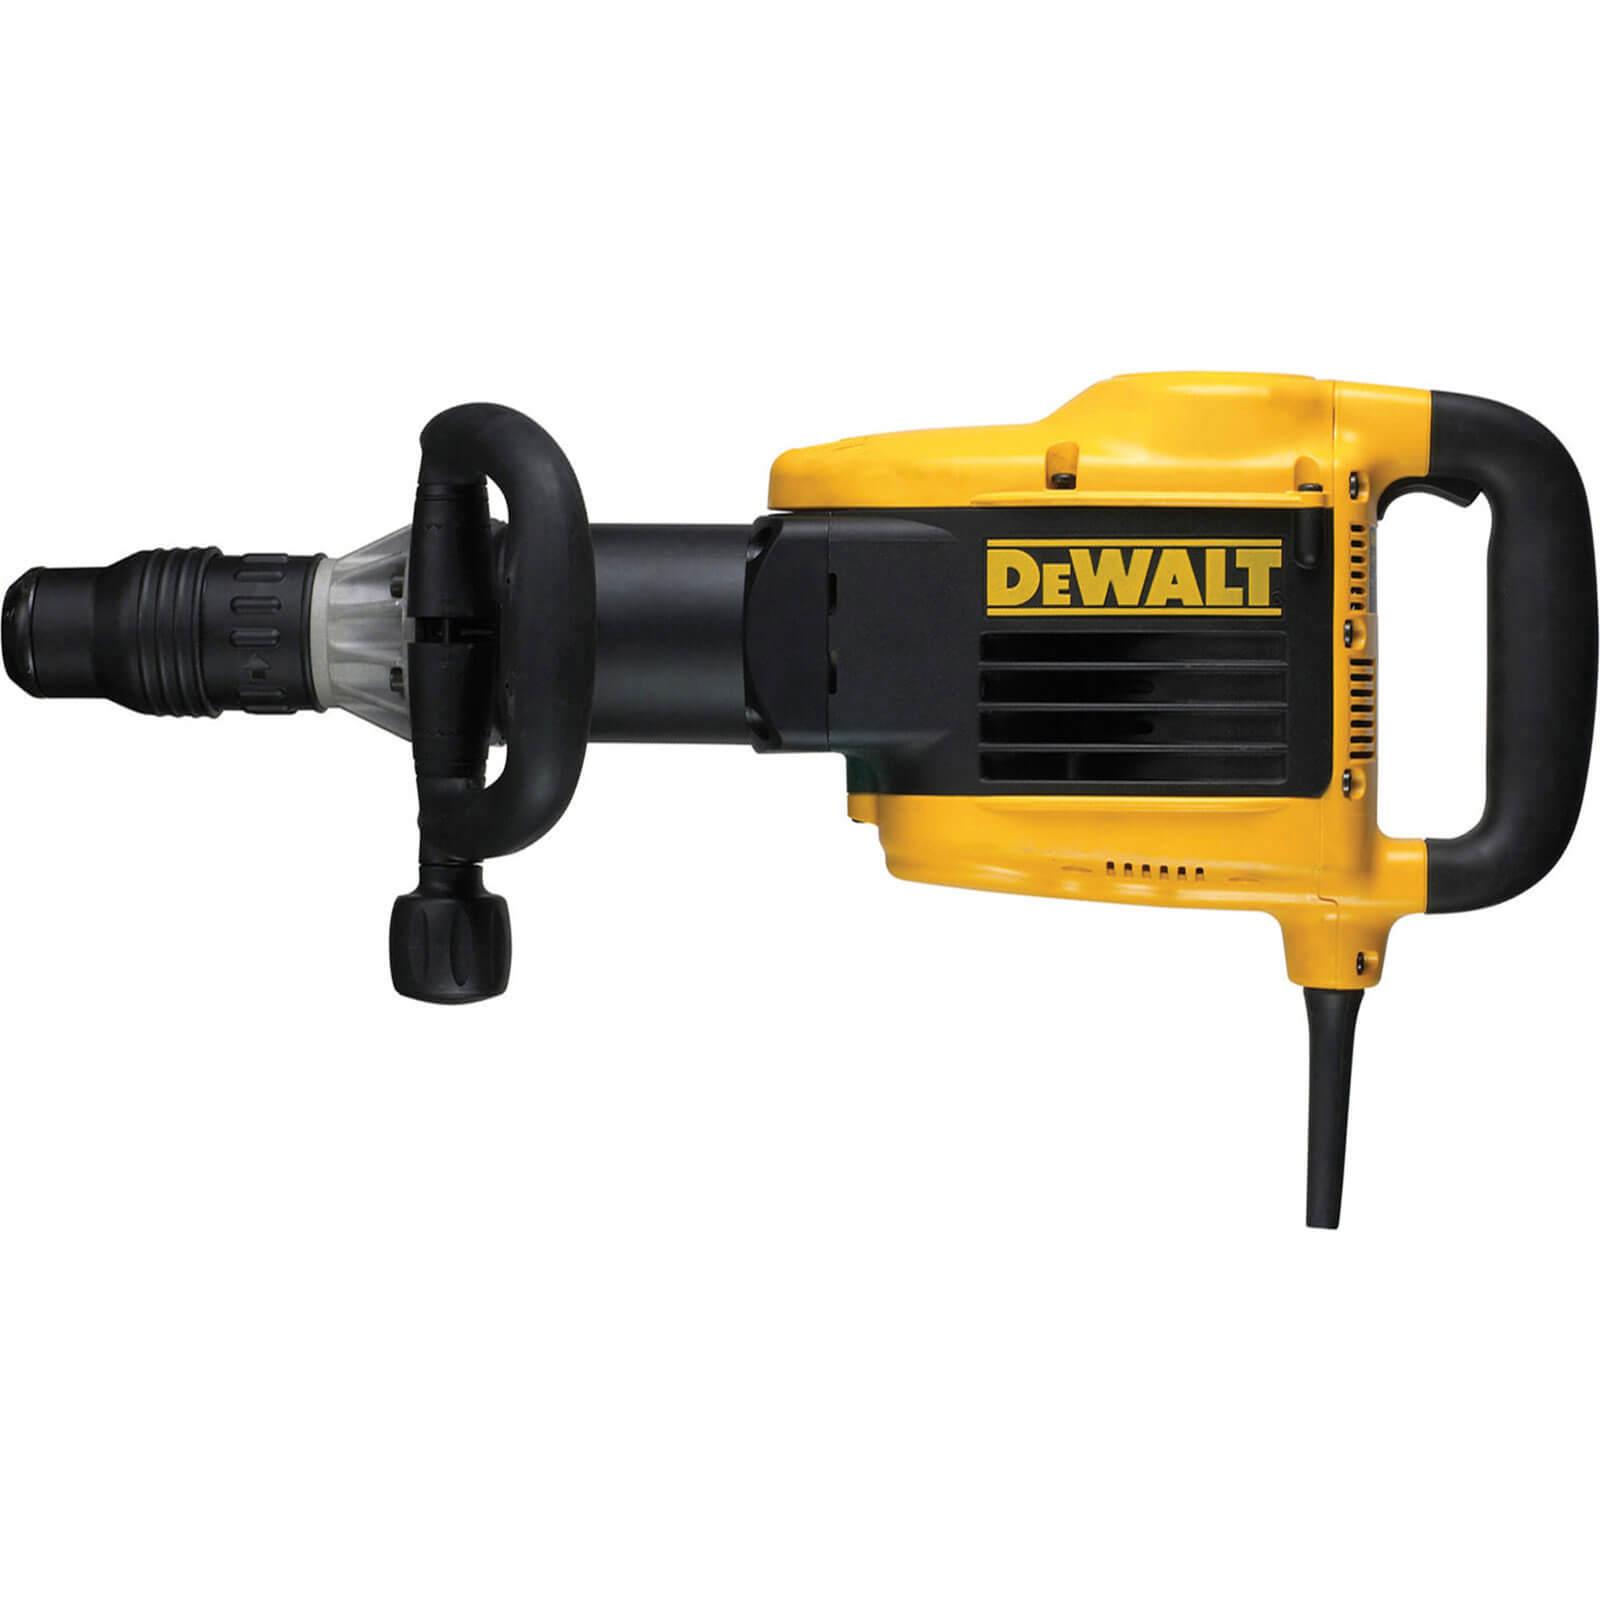 Image of DeWalt D25899K SDS Max Demolition Hammer 110v